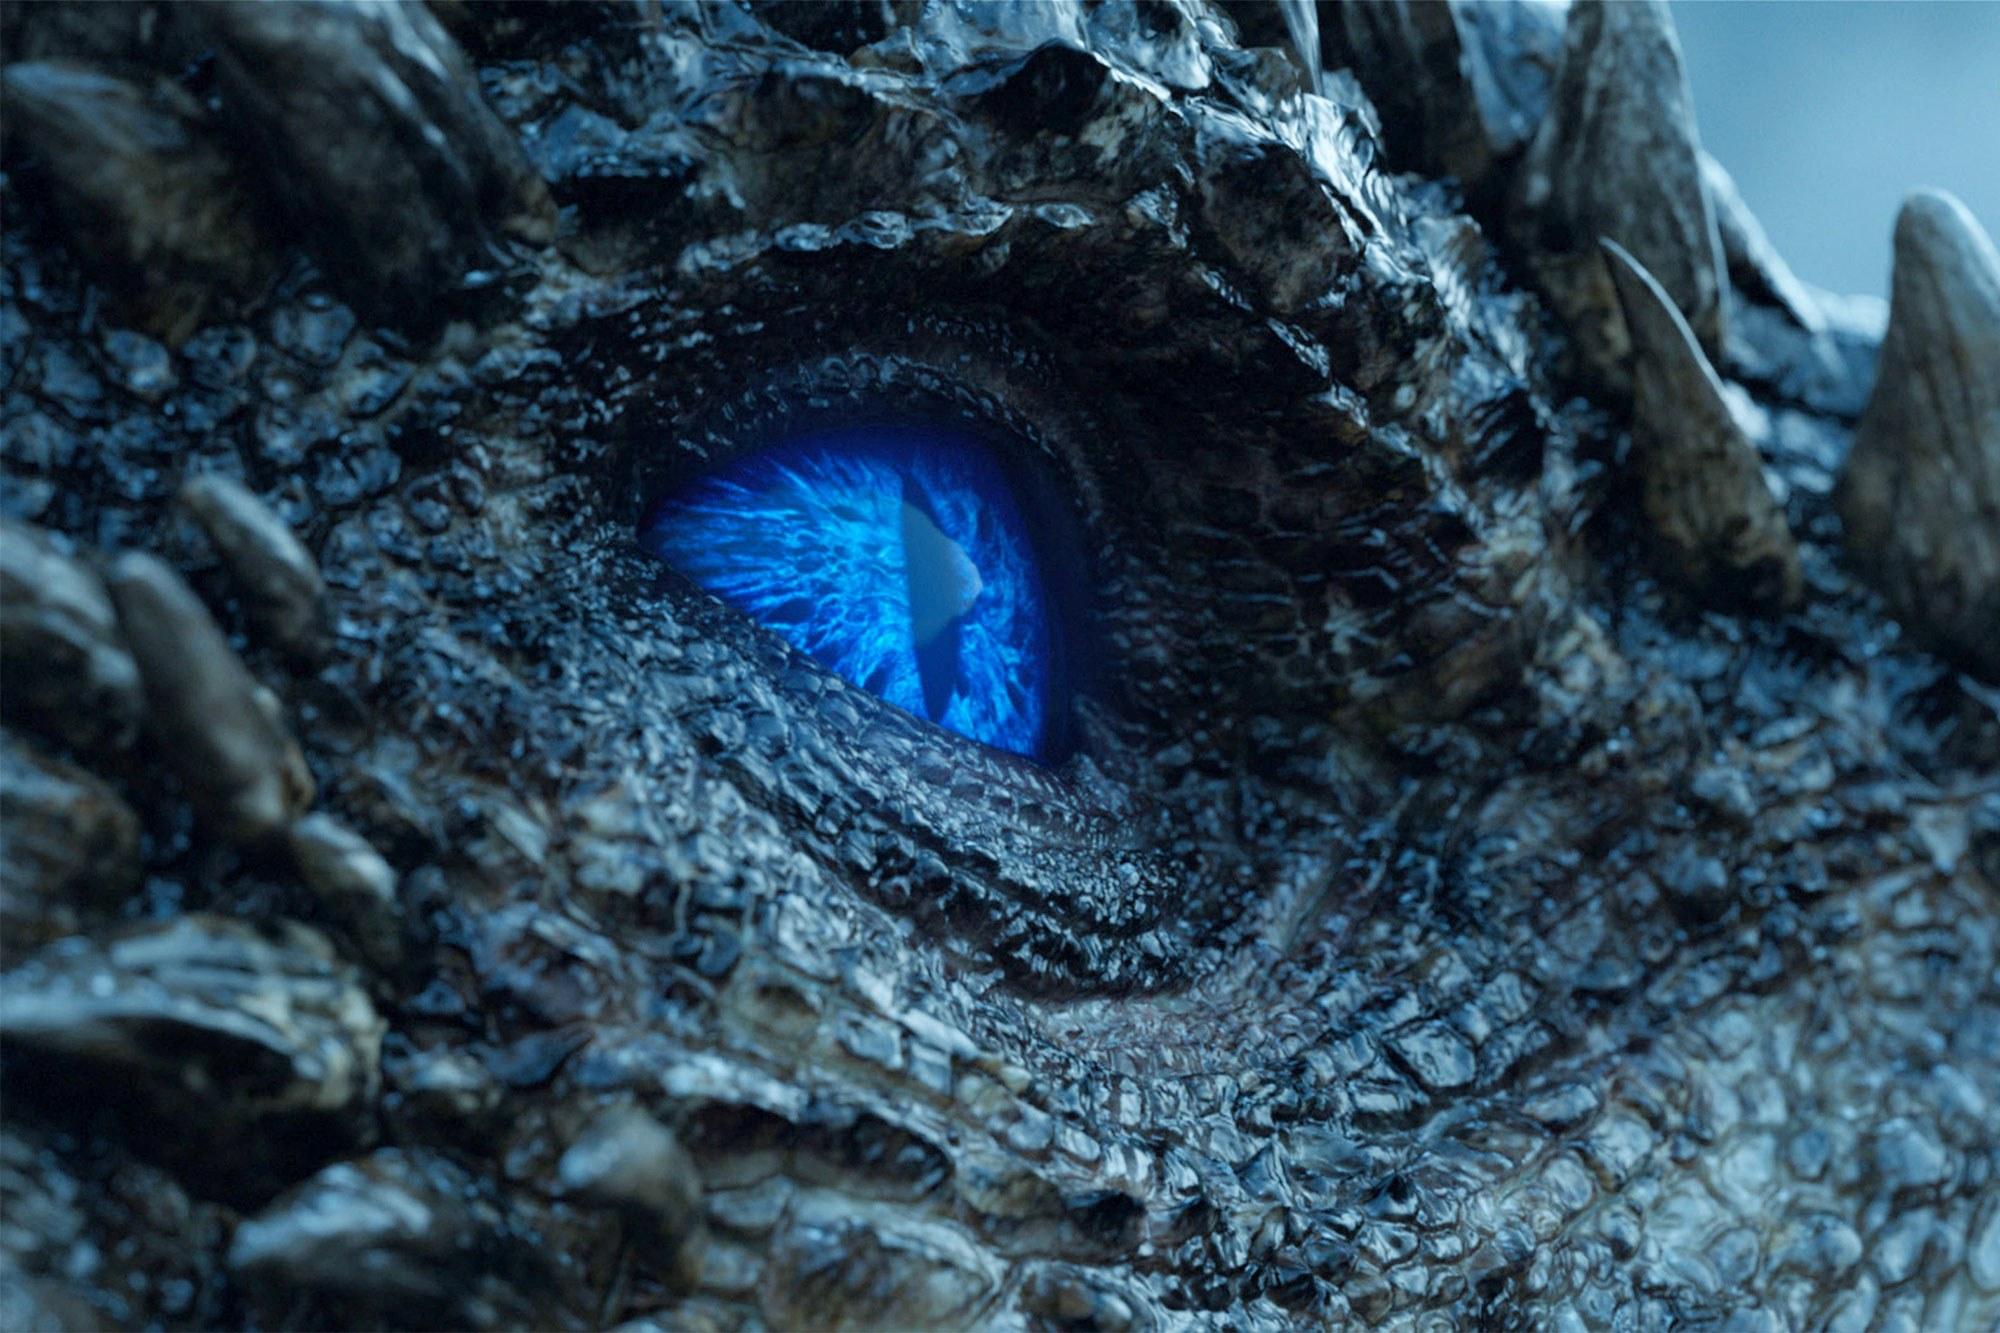 Conheça o dragão pré-histórico que foi encontrado no Canadá